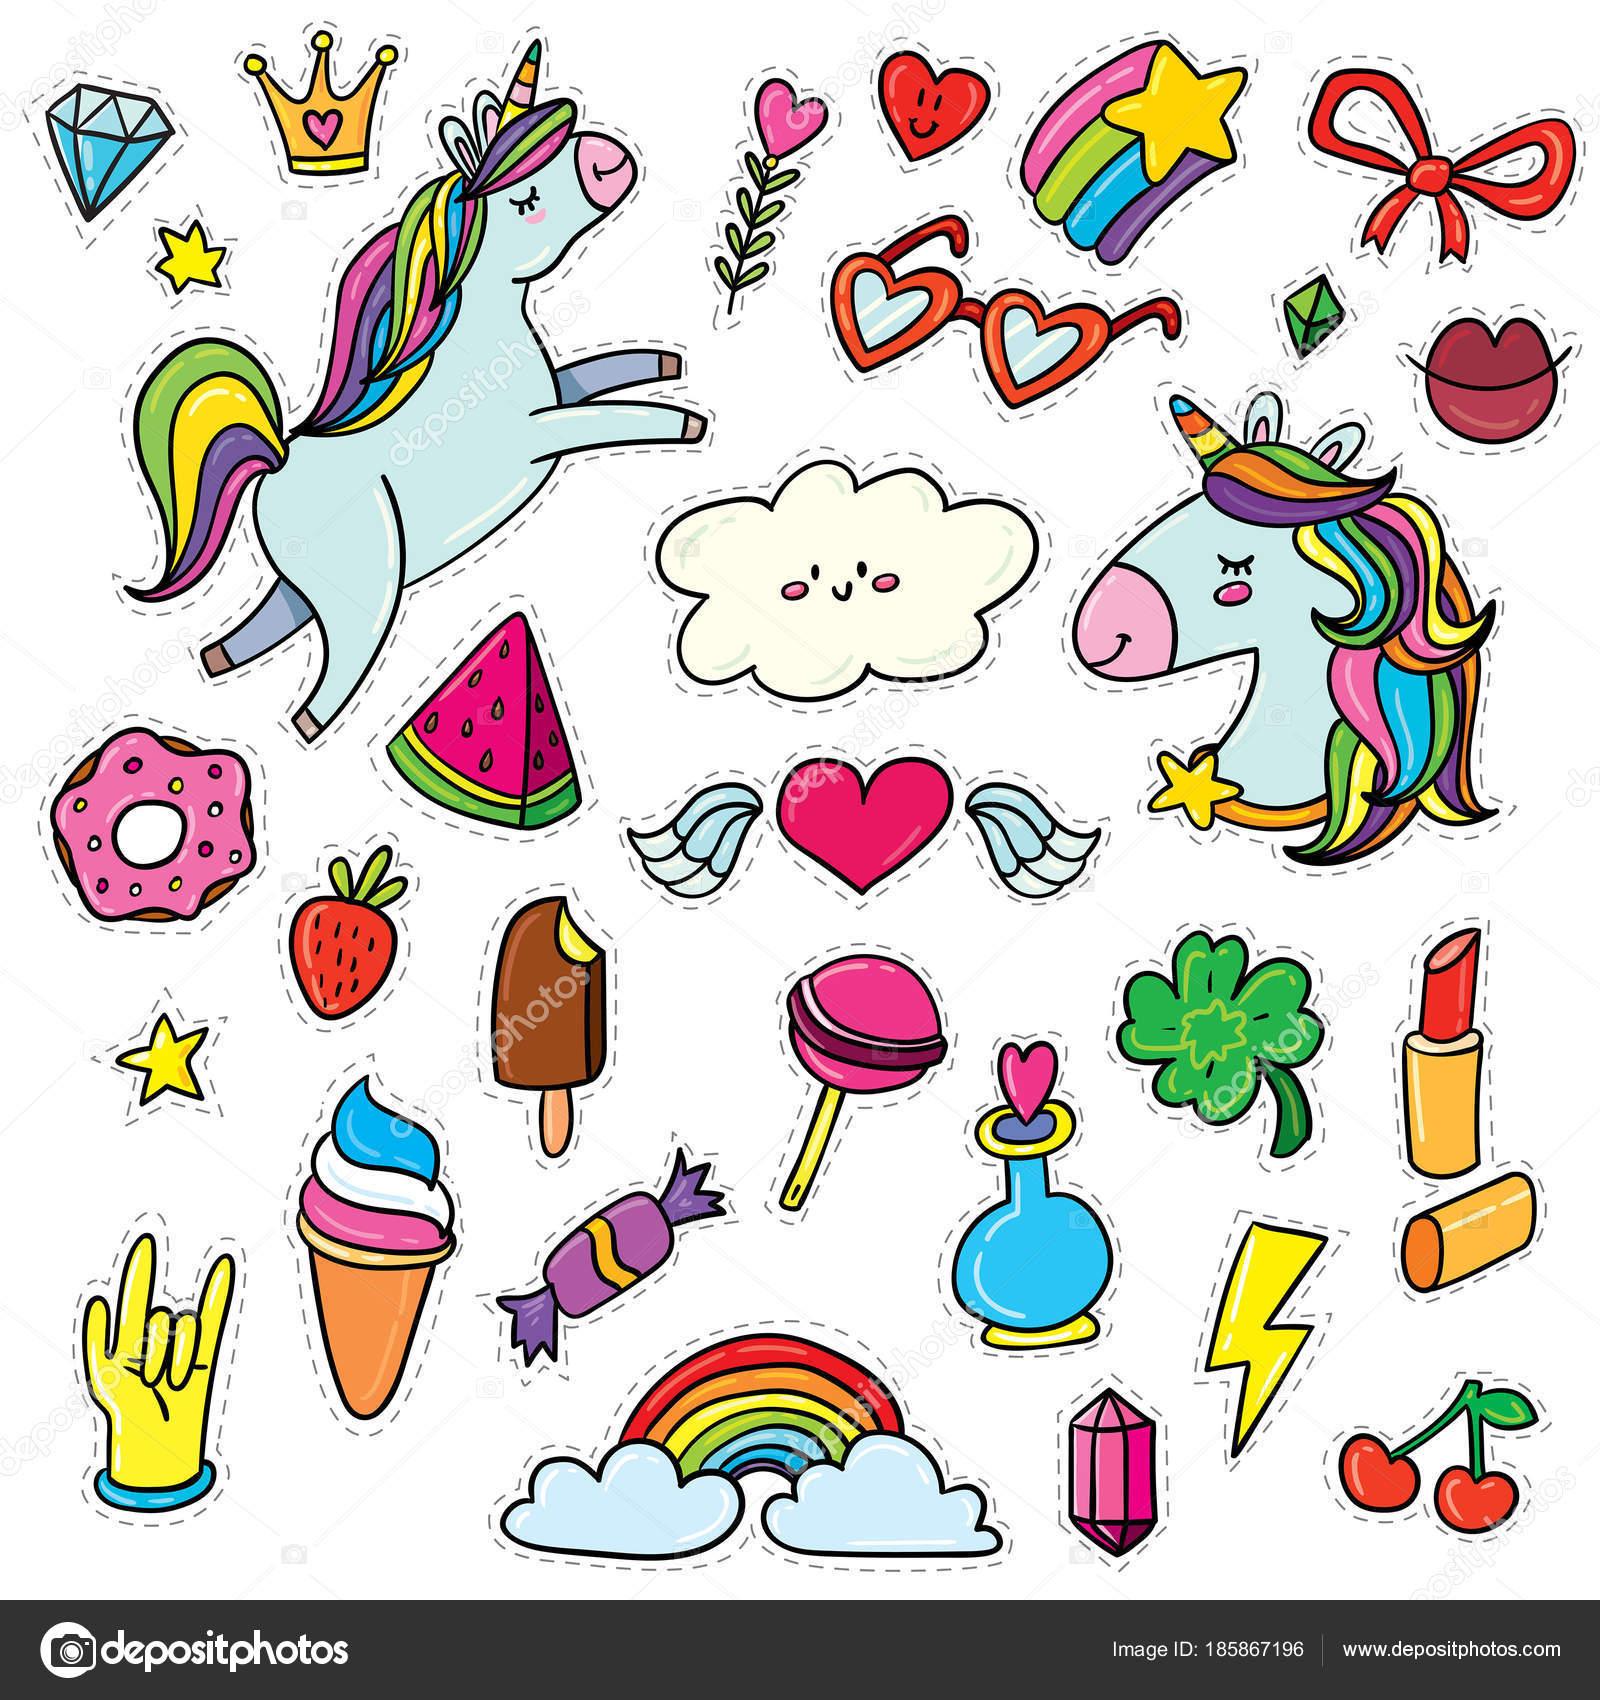 かわいいユニコーンと漫画のアイコンのベクトル イラスト デザイン